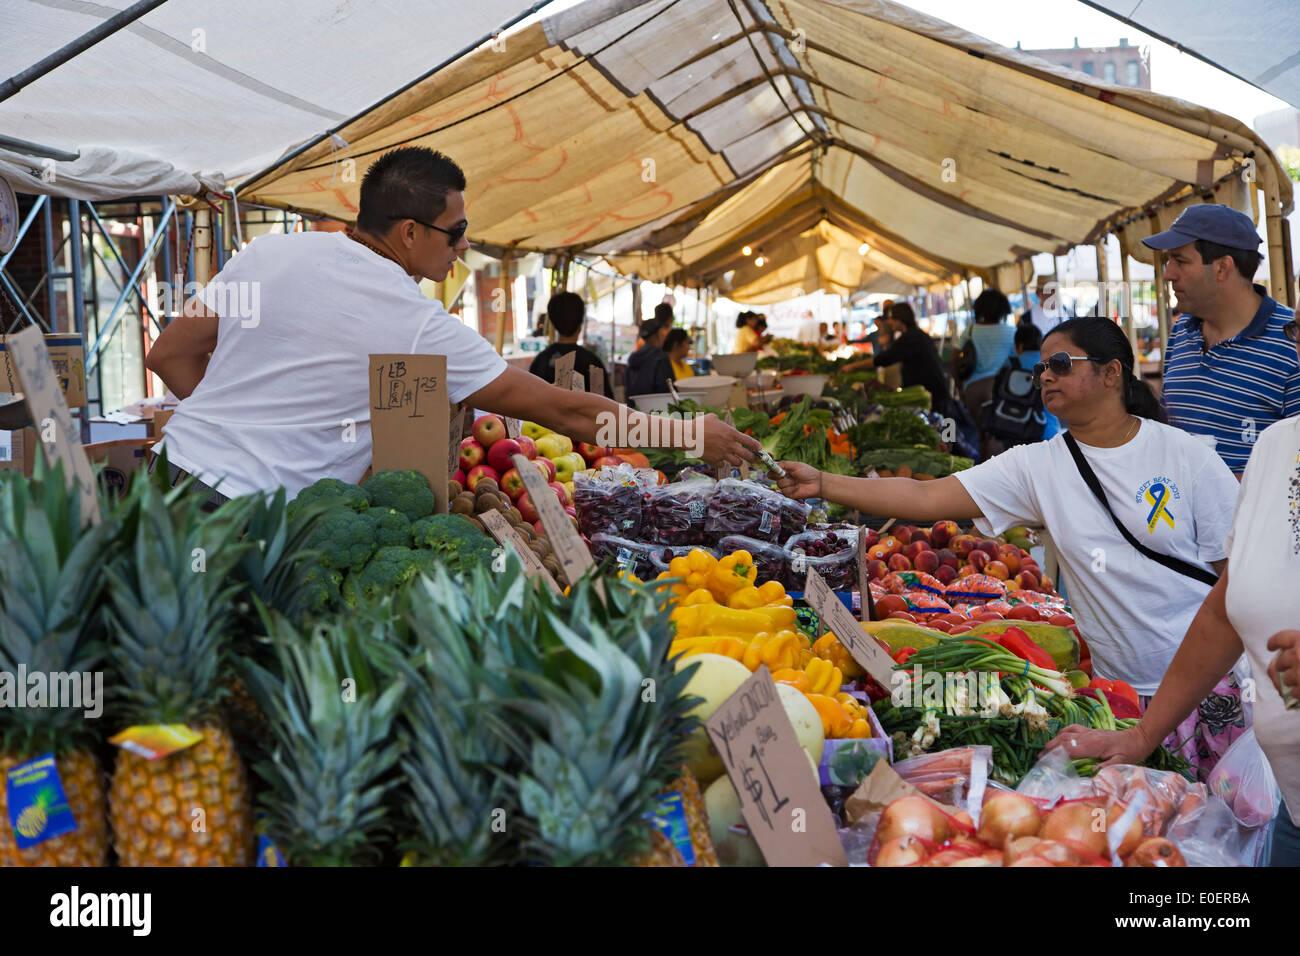 Los compradores y vendedores en producir stand, Haymarket Square Farmers Market, North End, Boston, Massachusetts, EE.UU. Imagen De Stock